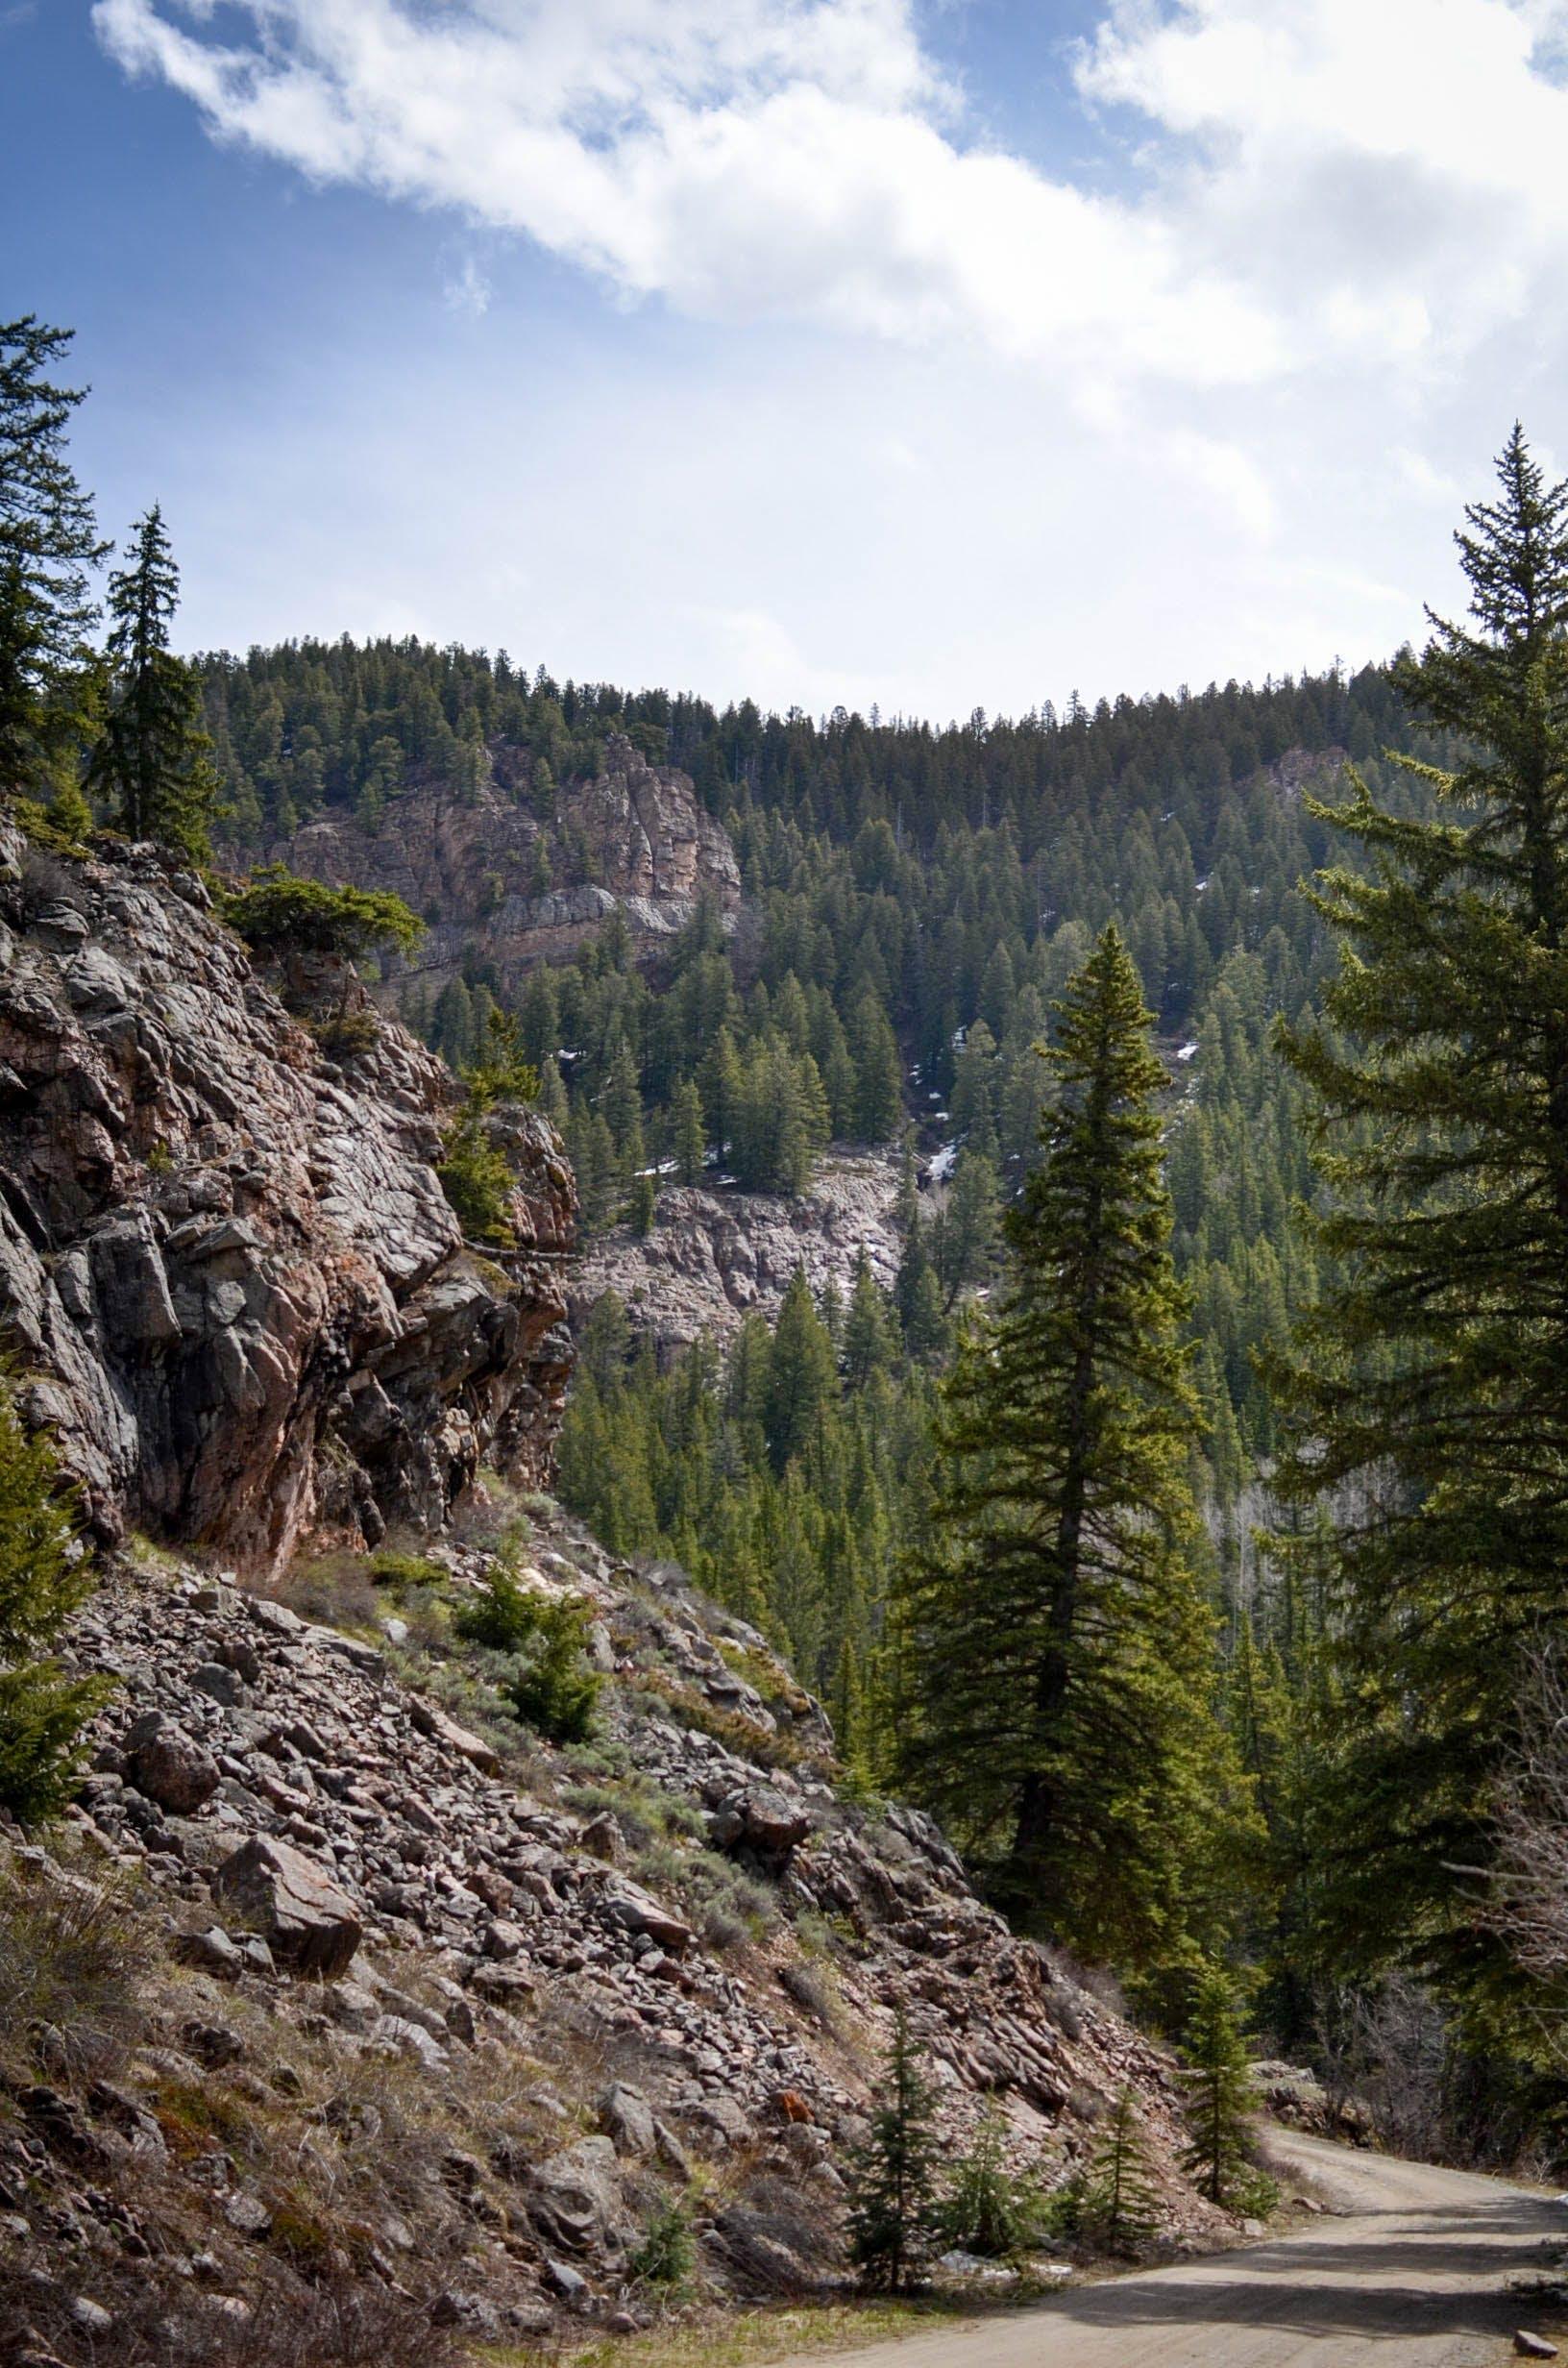 Free stock photo of mountain, trail, tree, trees